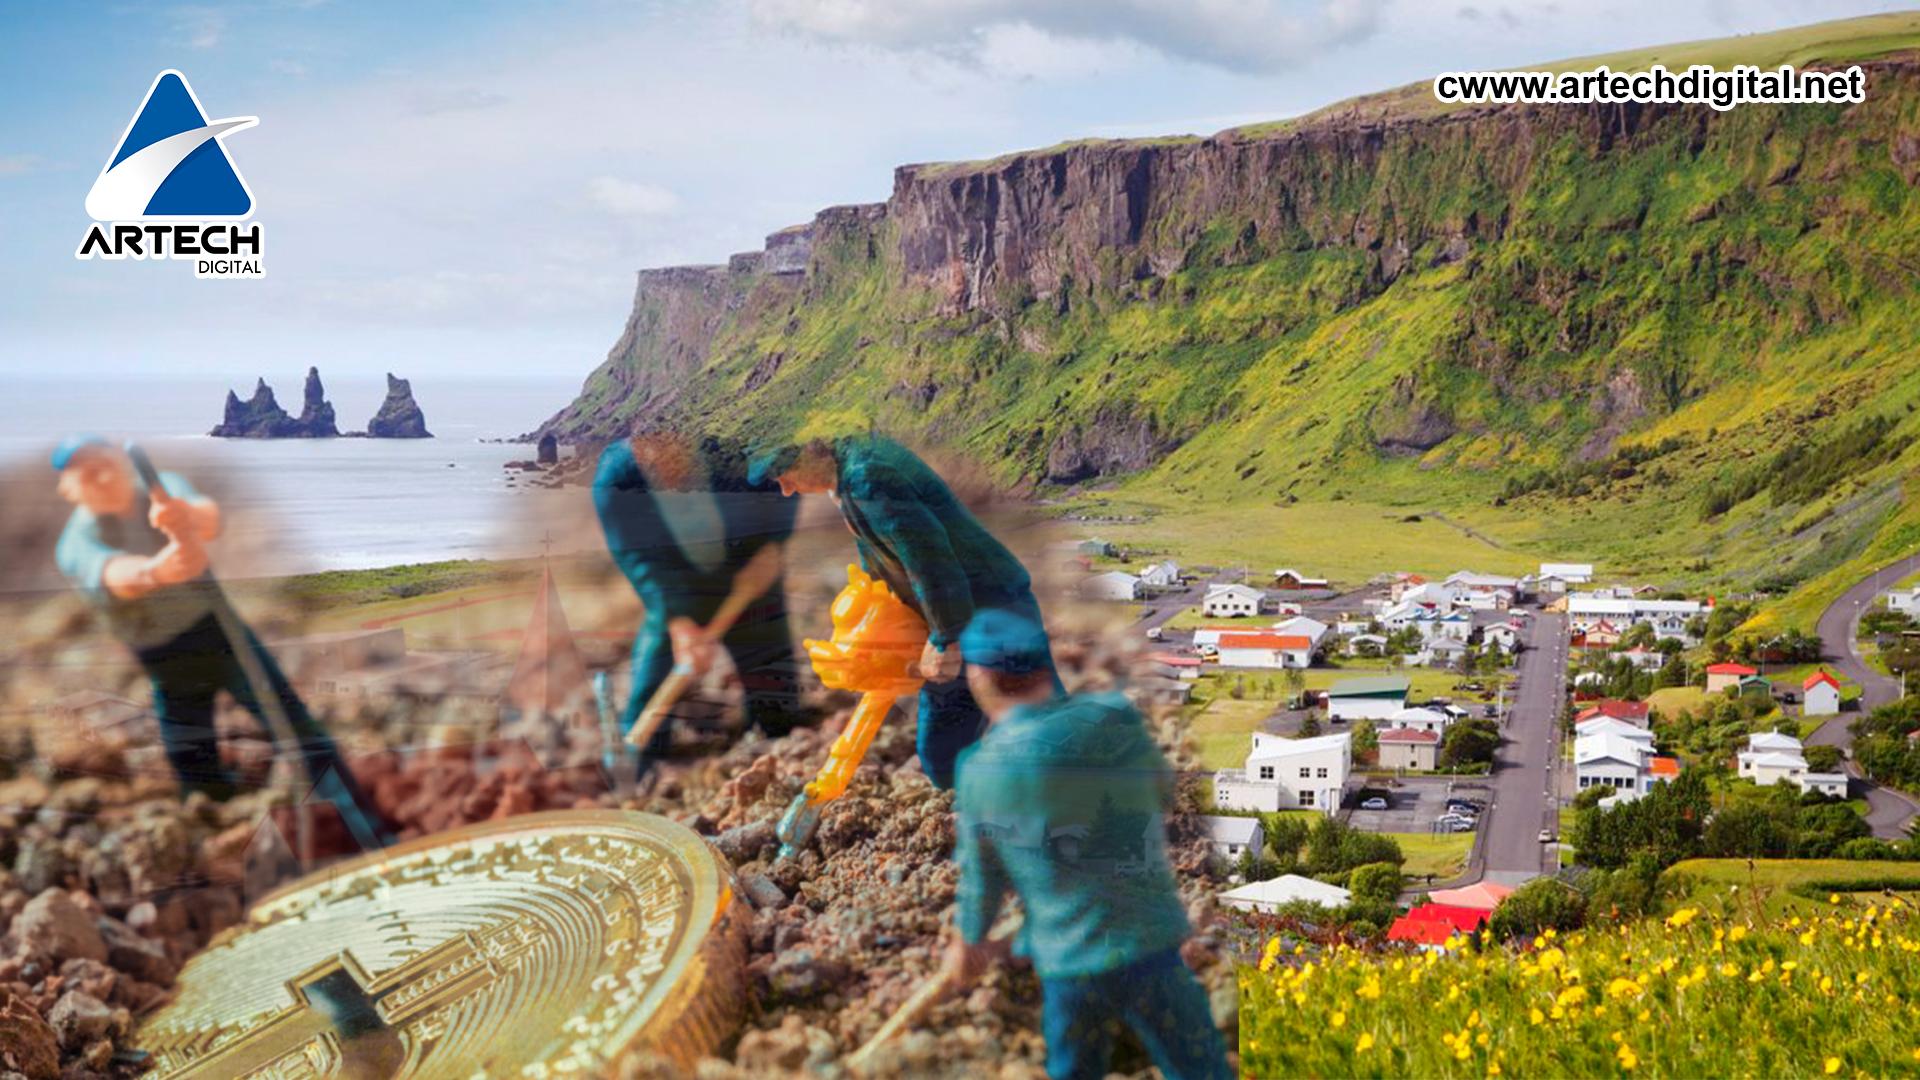 Islandia con el primer lugar con más minas de criptomonedas del mundo